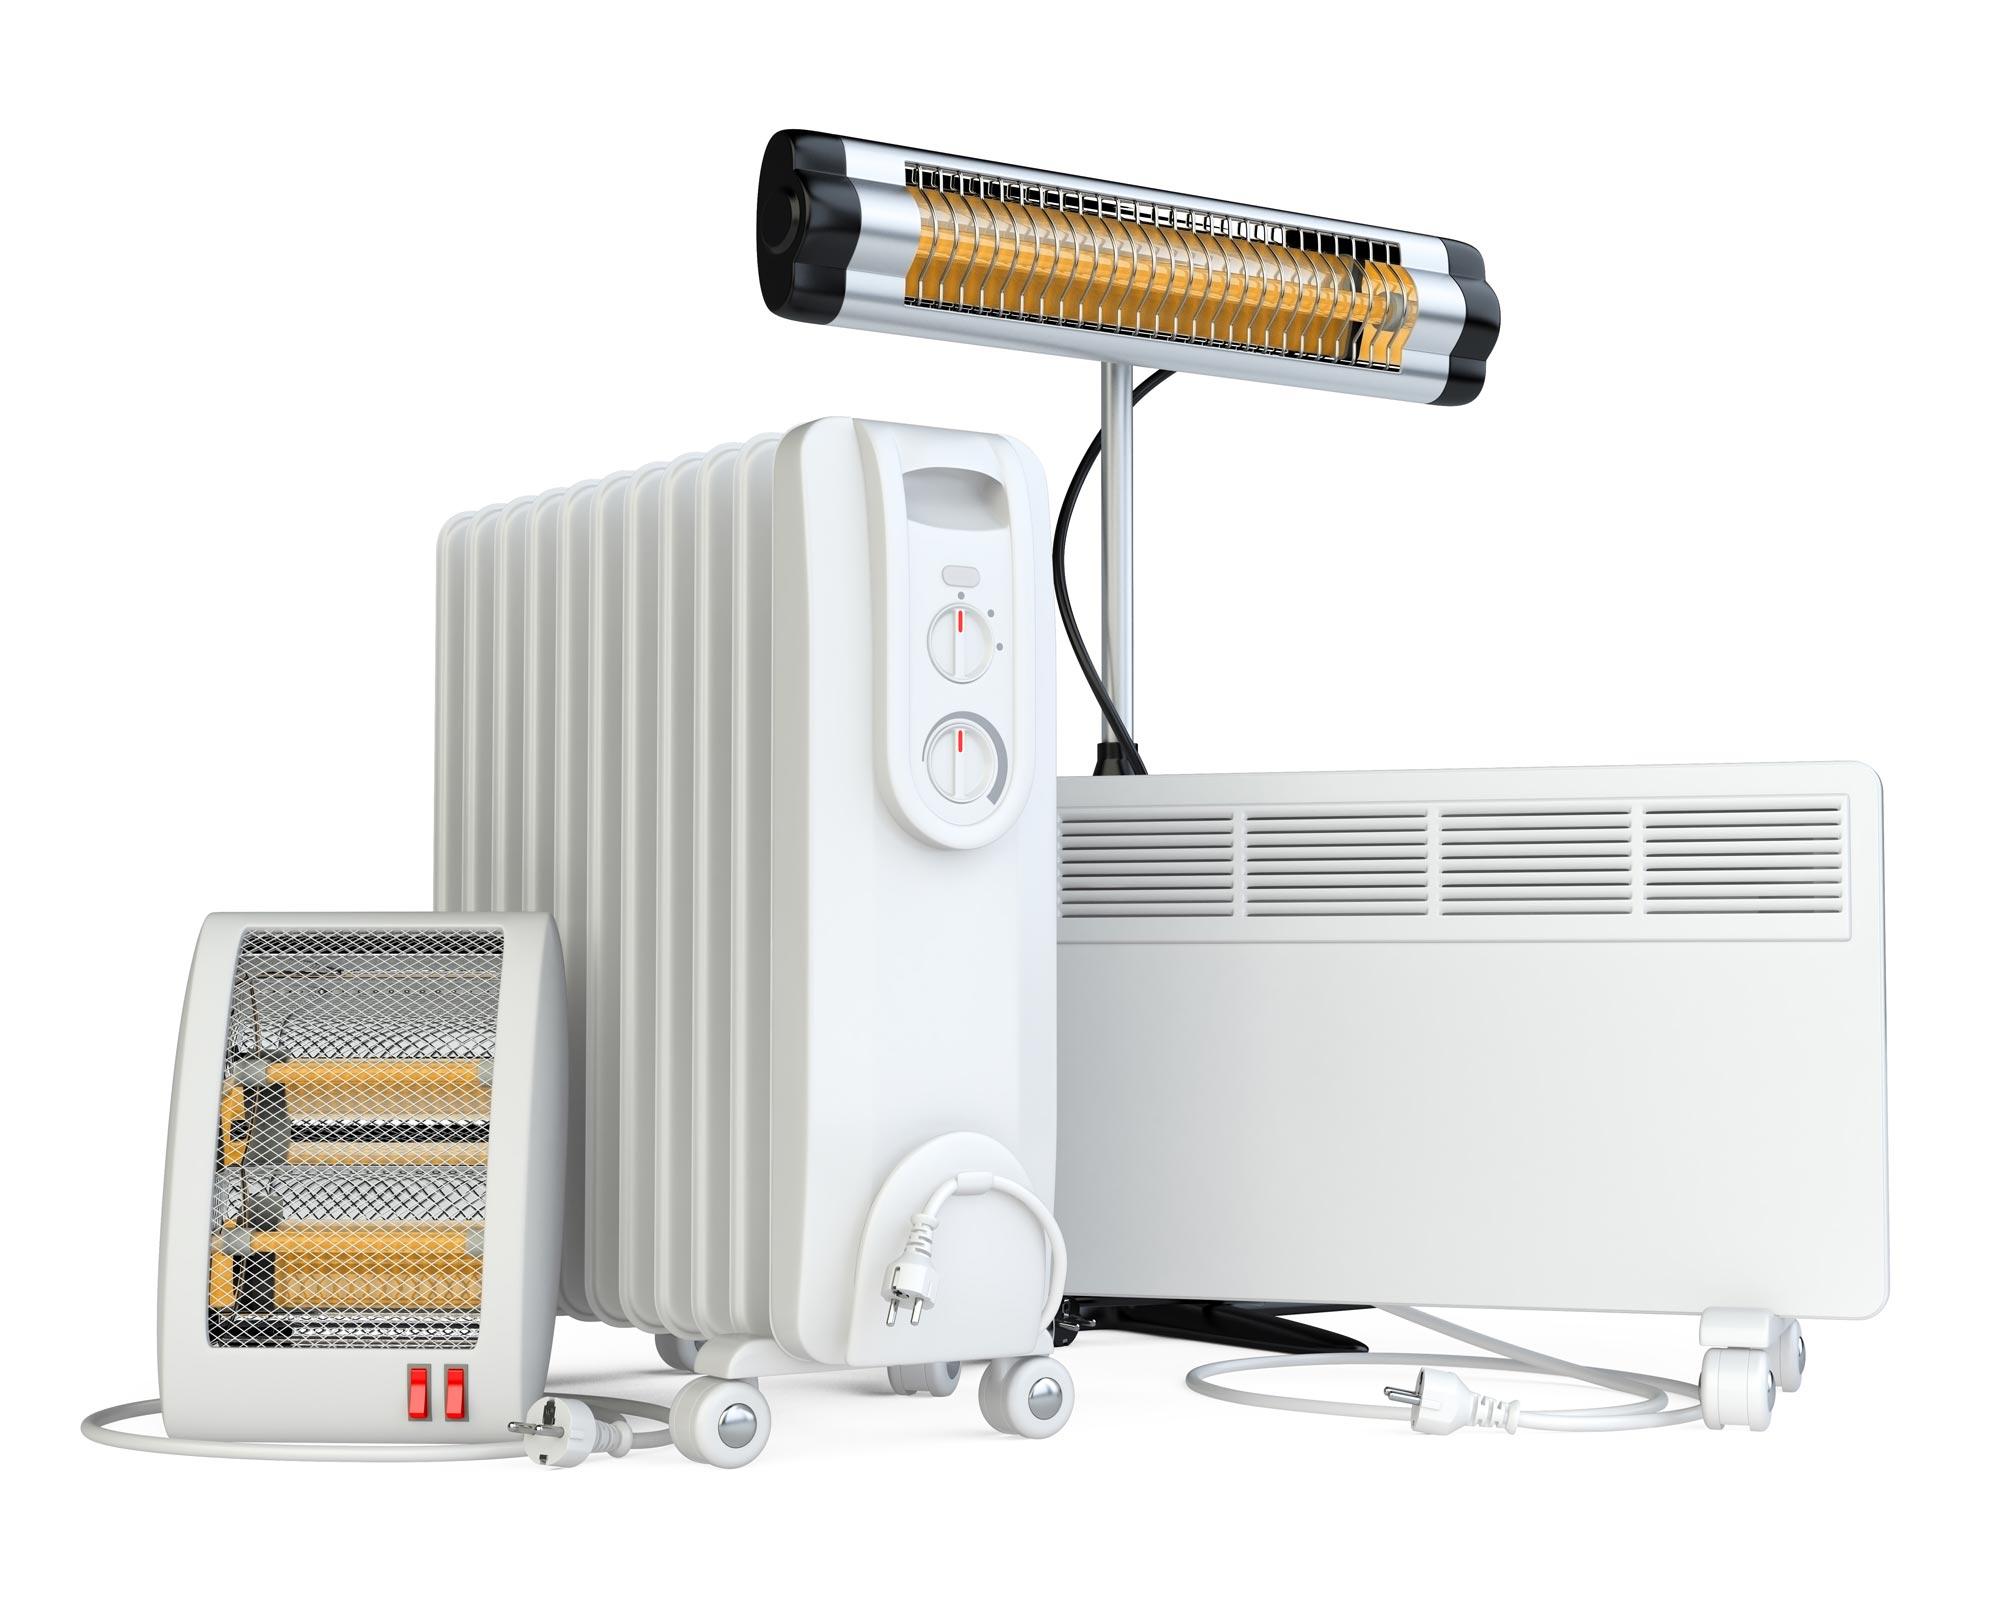 Tipologie di stufe elettriche scopriamole tutte - Stufe a olio elettriche ...